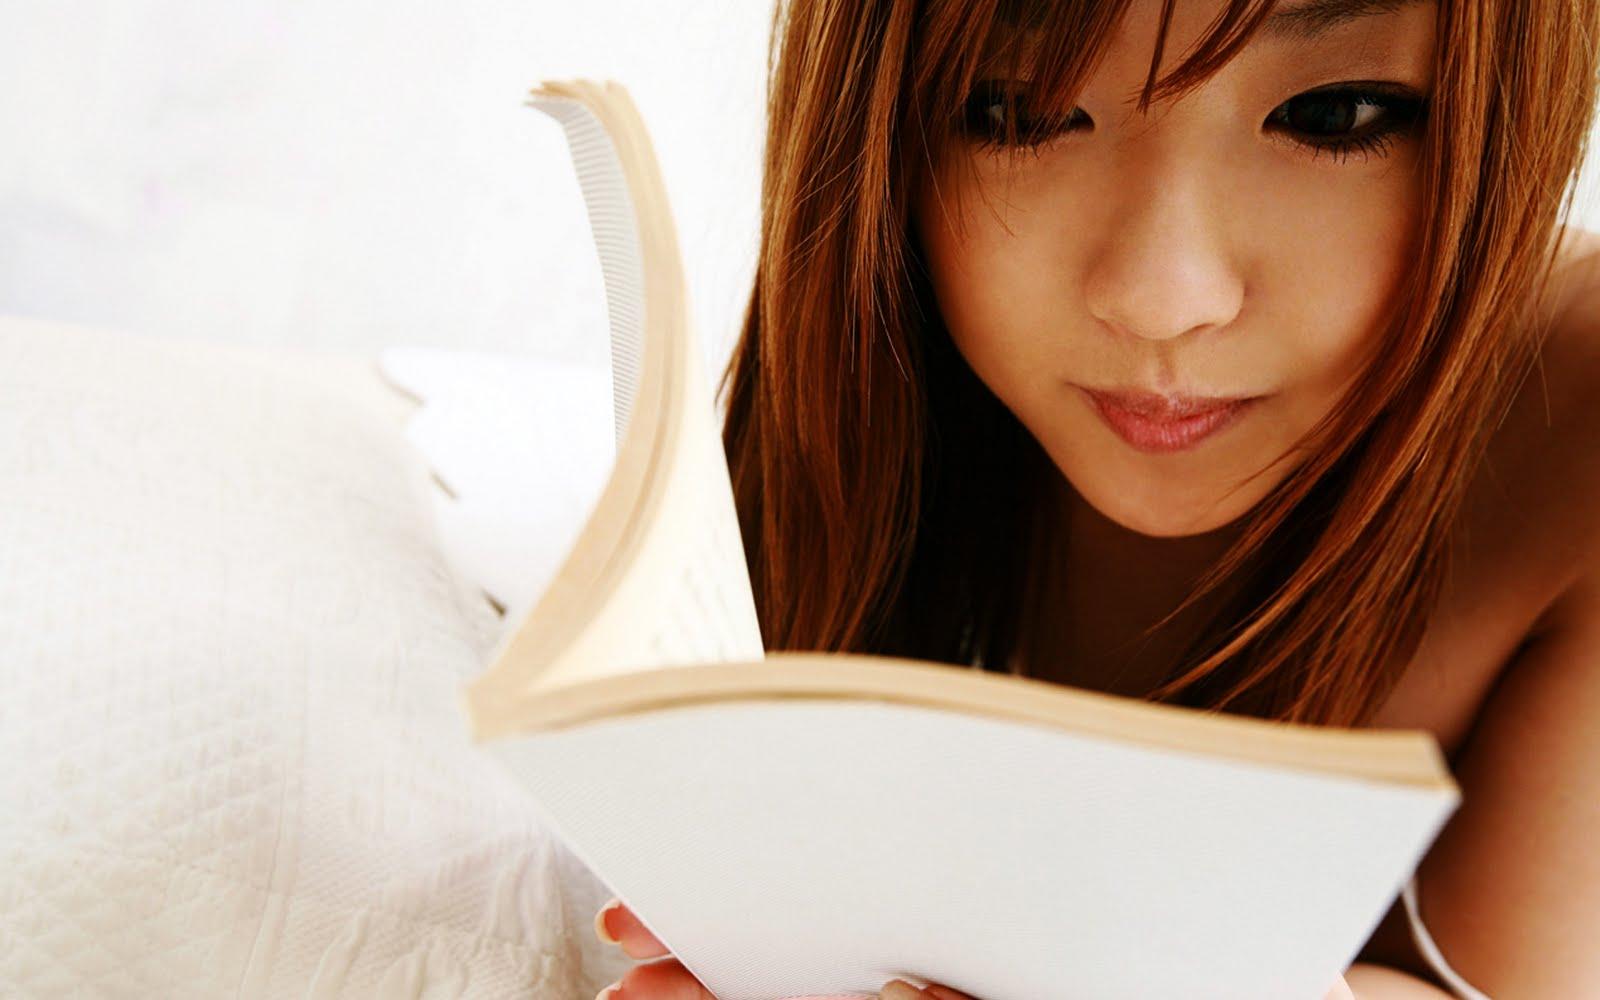 http://2.bp.blogspot.com/-qg_PyW3t6-Y/Tcckvltf9iI/AAAAAAAABek/em_1w0_euBA/s1600/asian+girl+wallpaper+%2528116%2529.jpg